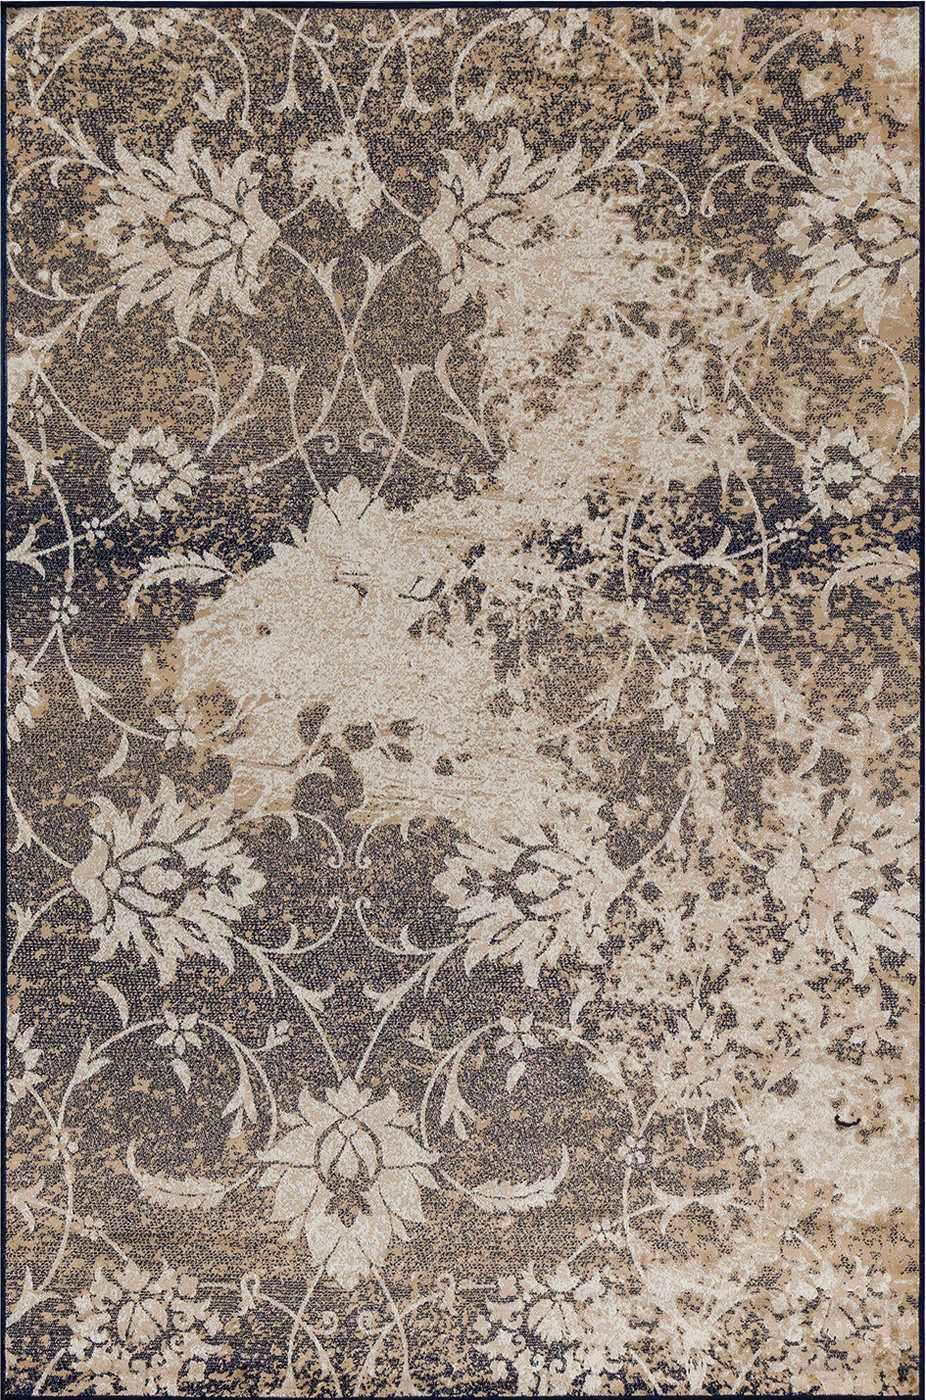 Синтетический ковер коллекции «Isphahan» 49040, 150x80 см